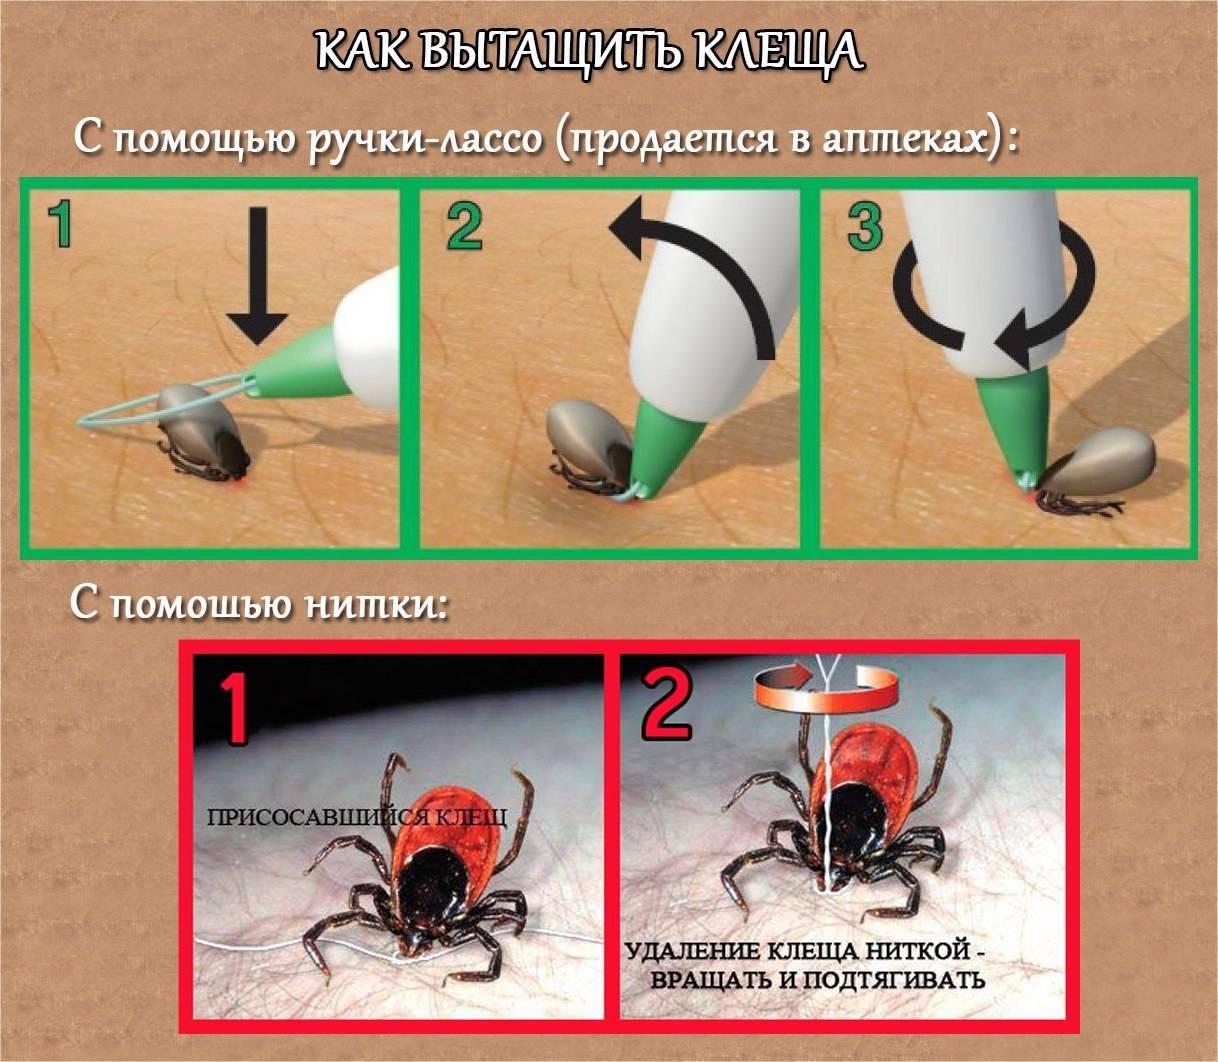 Первая помощь при укусе клеща: профилактика, меры, последовательность оказания, симптомы